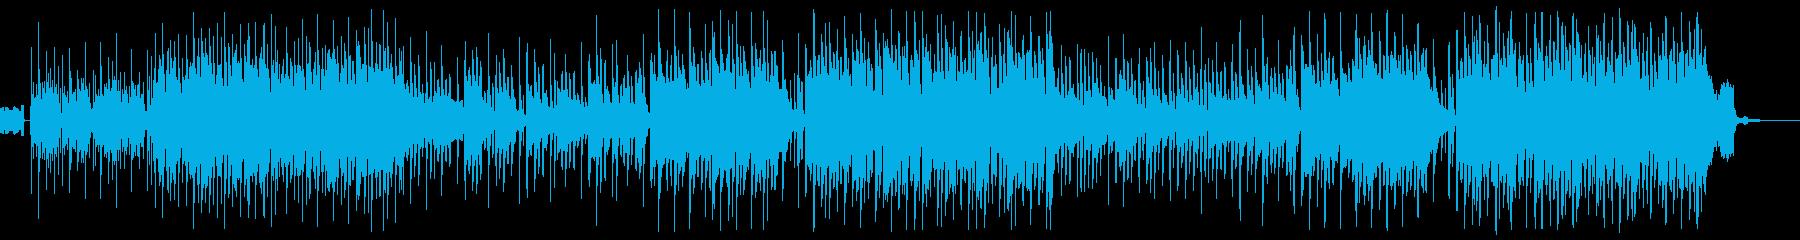 シューティングゲームに合うチップチューンの再生済みの波形